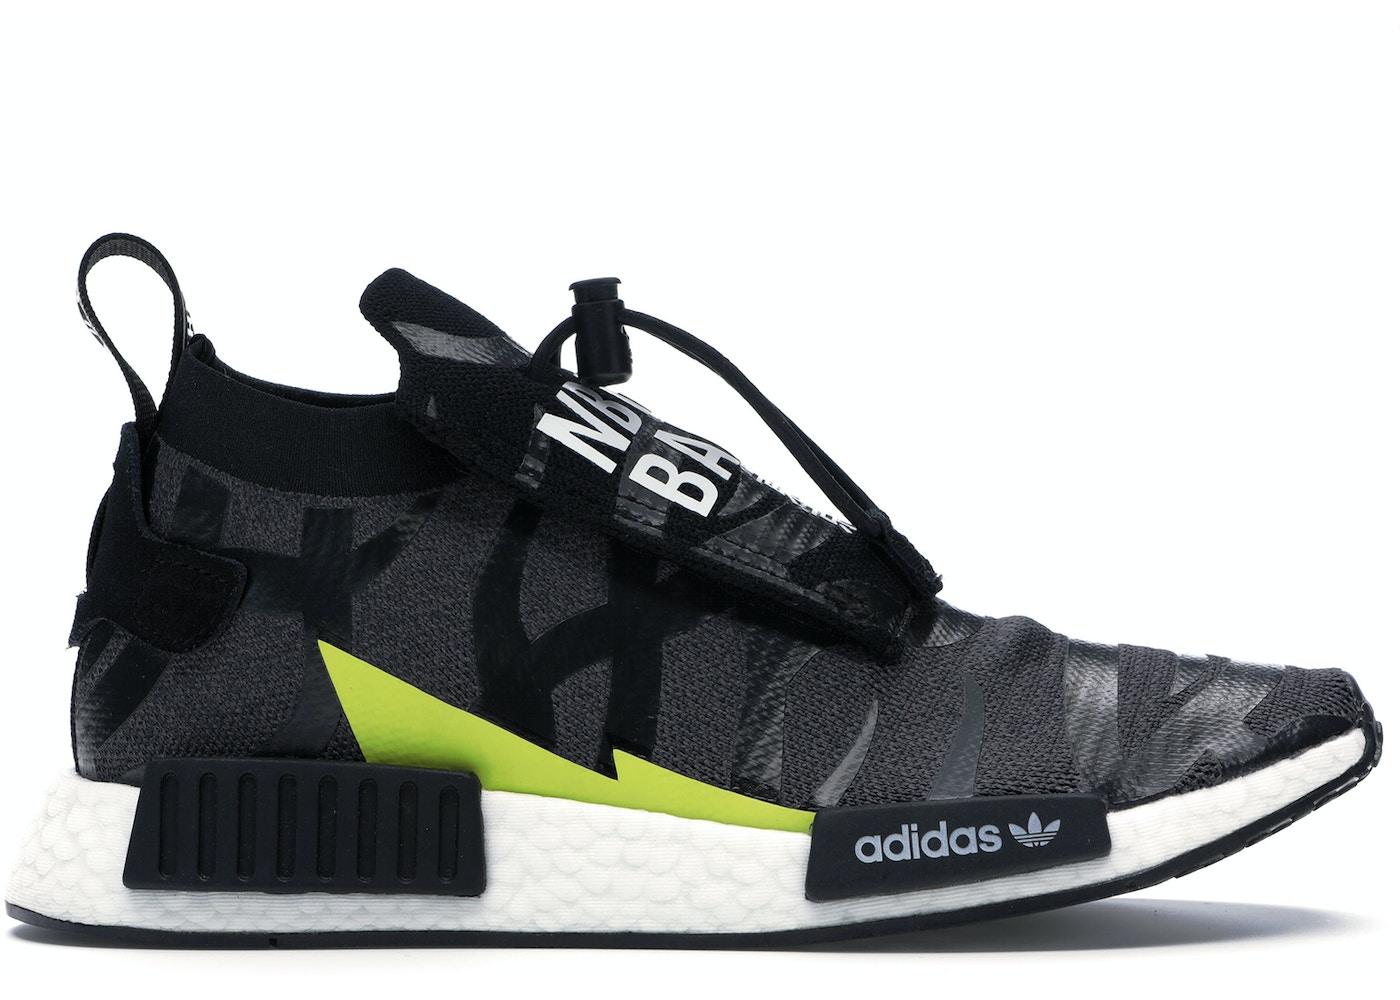 finest selection e4092 3a01a adidas NMD TS1 Bape x Neighborhood